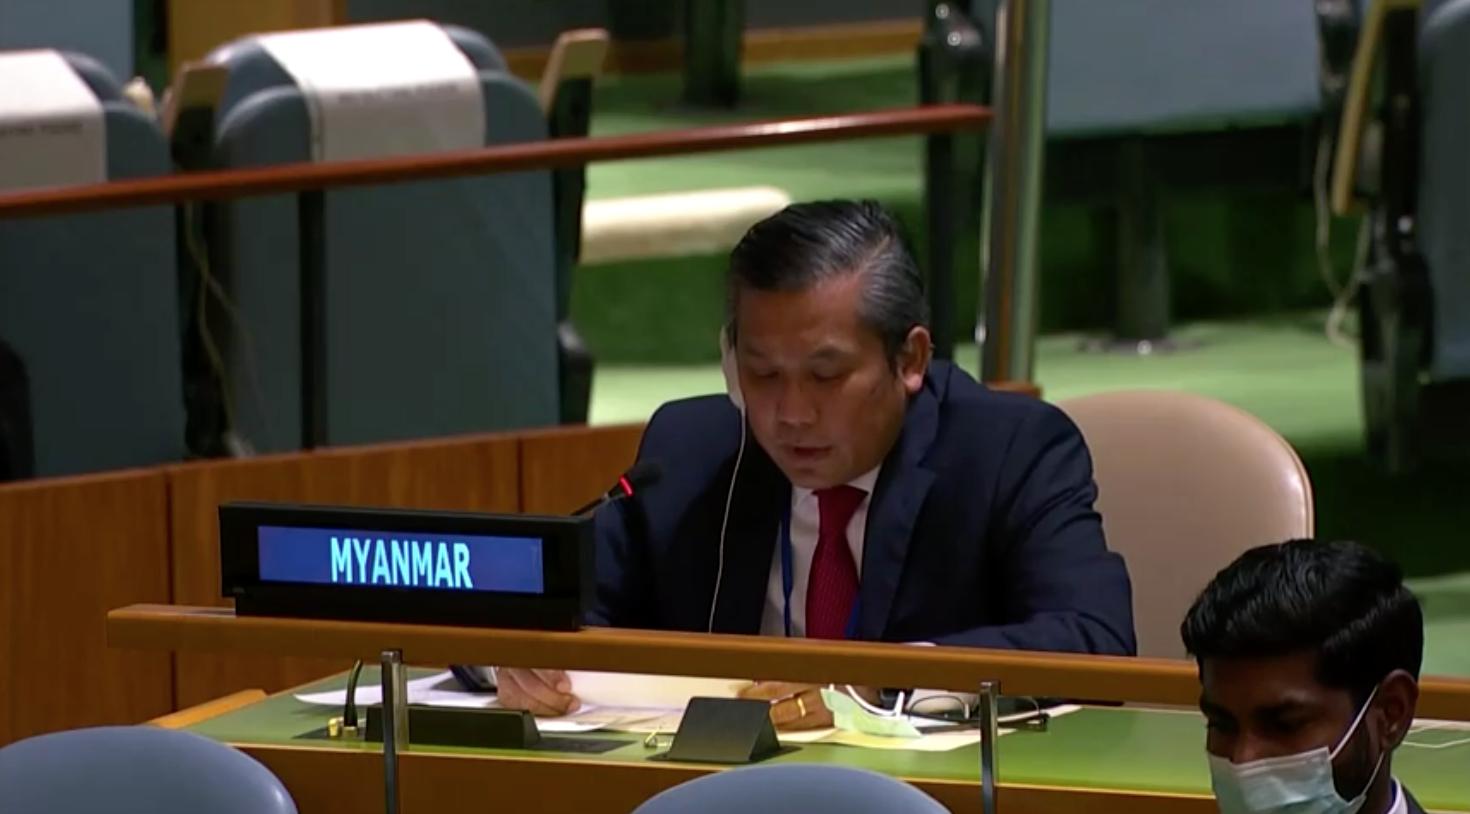 Đặc phái viên Liên Hiệp Quốc của Myanmar kêu gọi các hành động ngăn chặn đảo chính